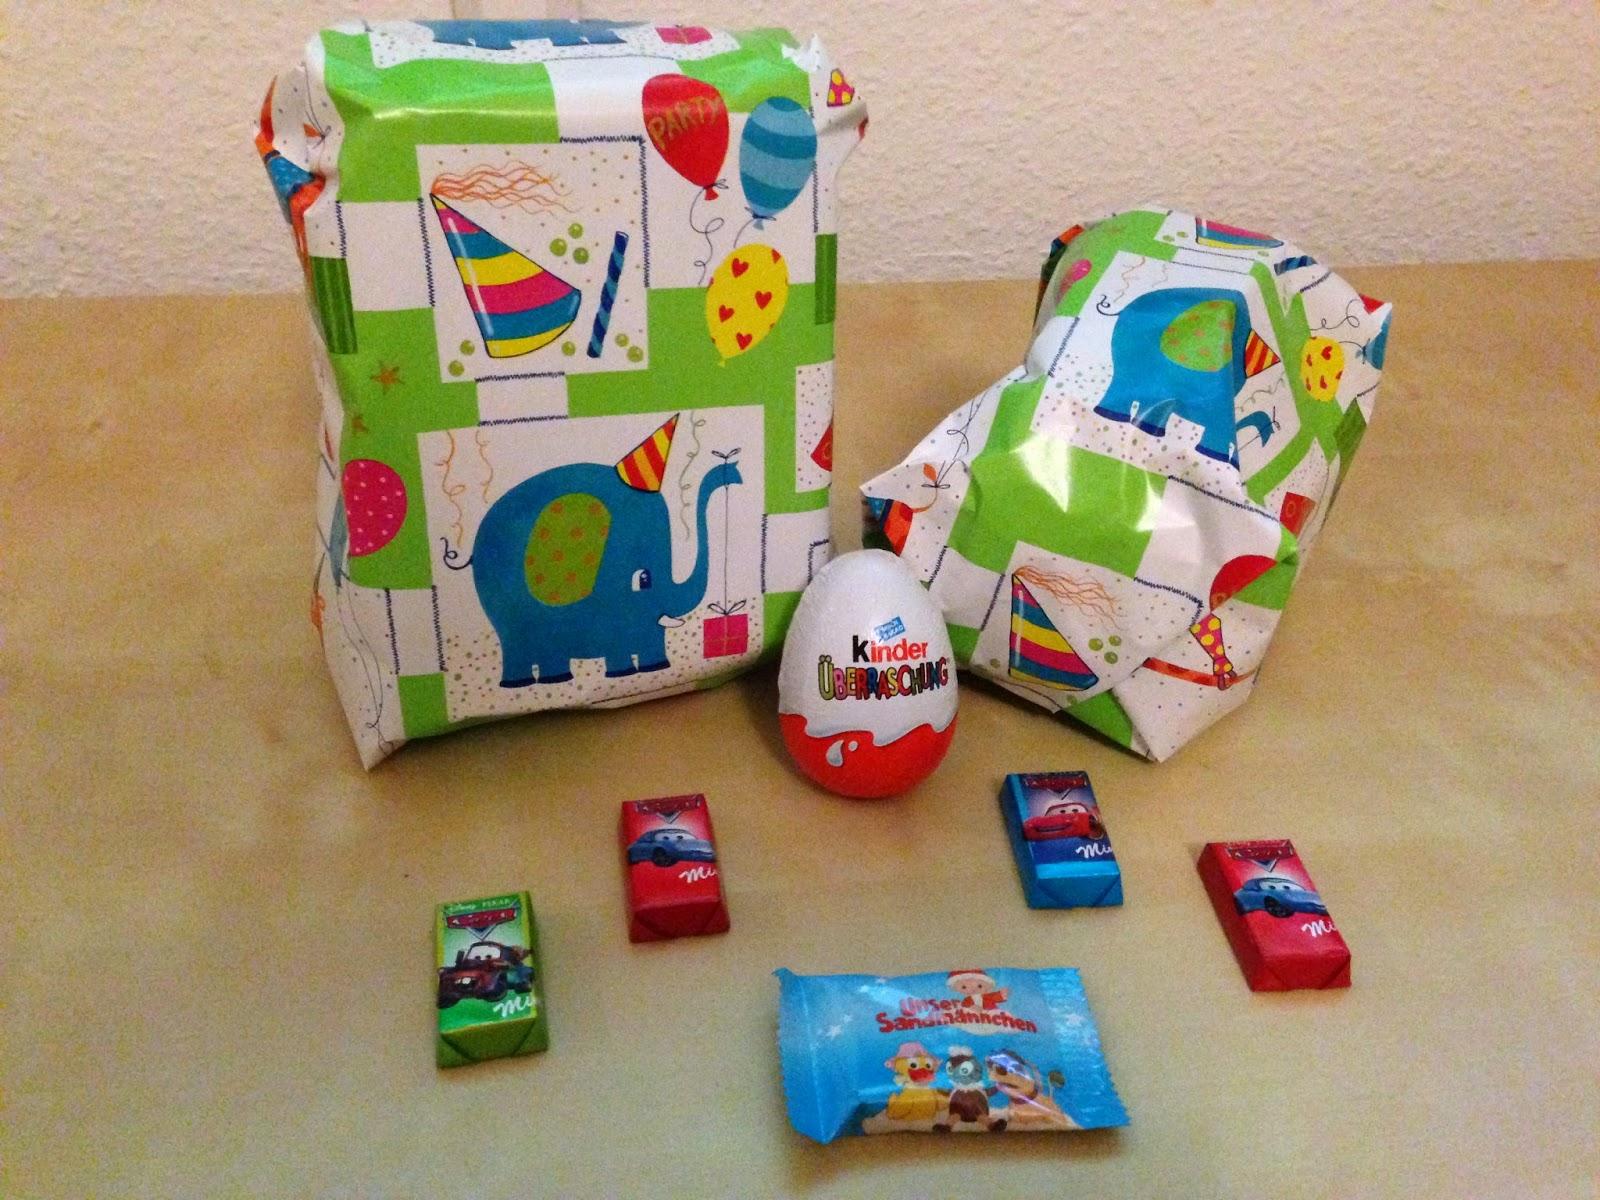 Kleine geschenke kindertag